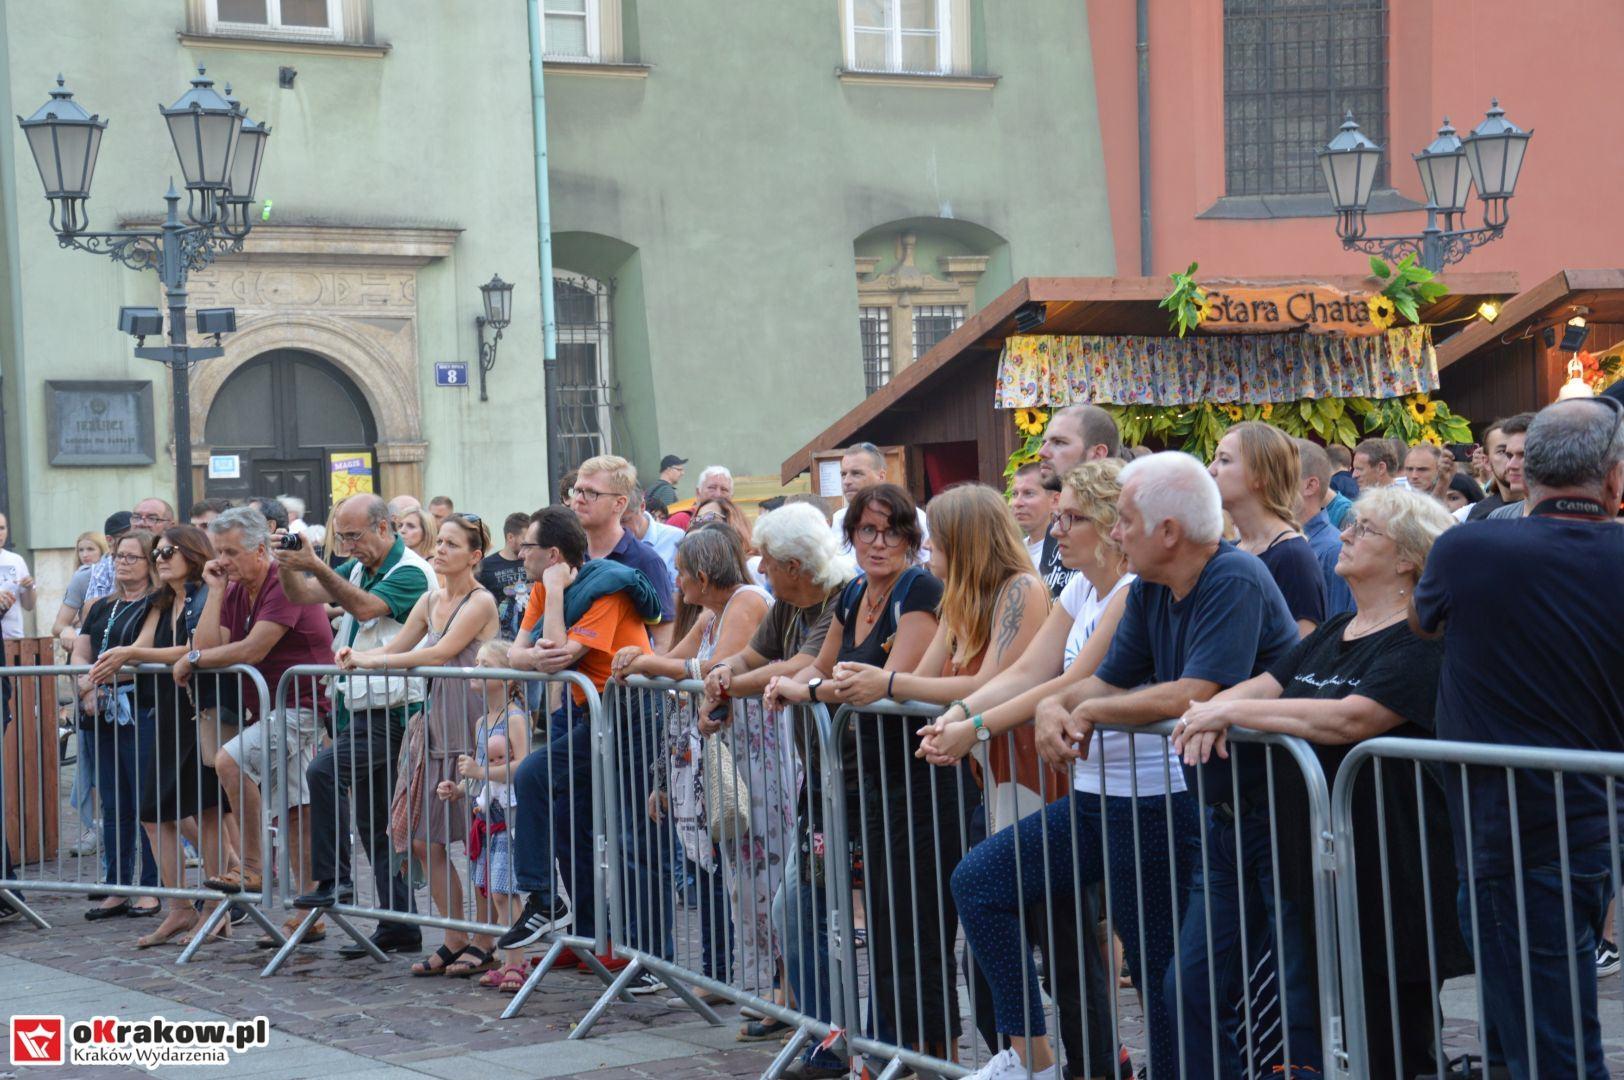 krakow festiwal pierogow maly rynek koncert cheap tobacco 125 150x150 - Galeria zdjęć Festiwal Pierogów Kraków 2018 + zdjęcia z koncertu Cheap Tobacco